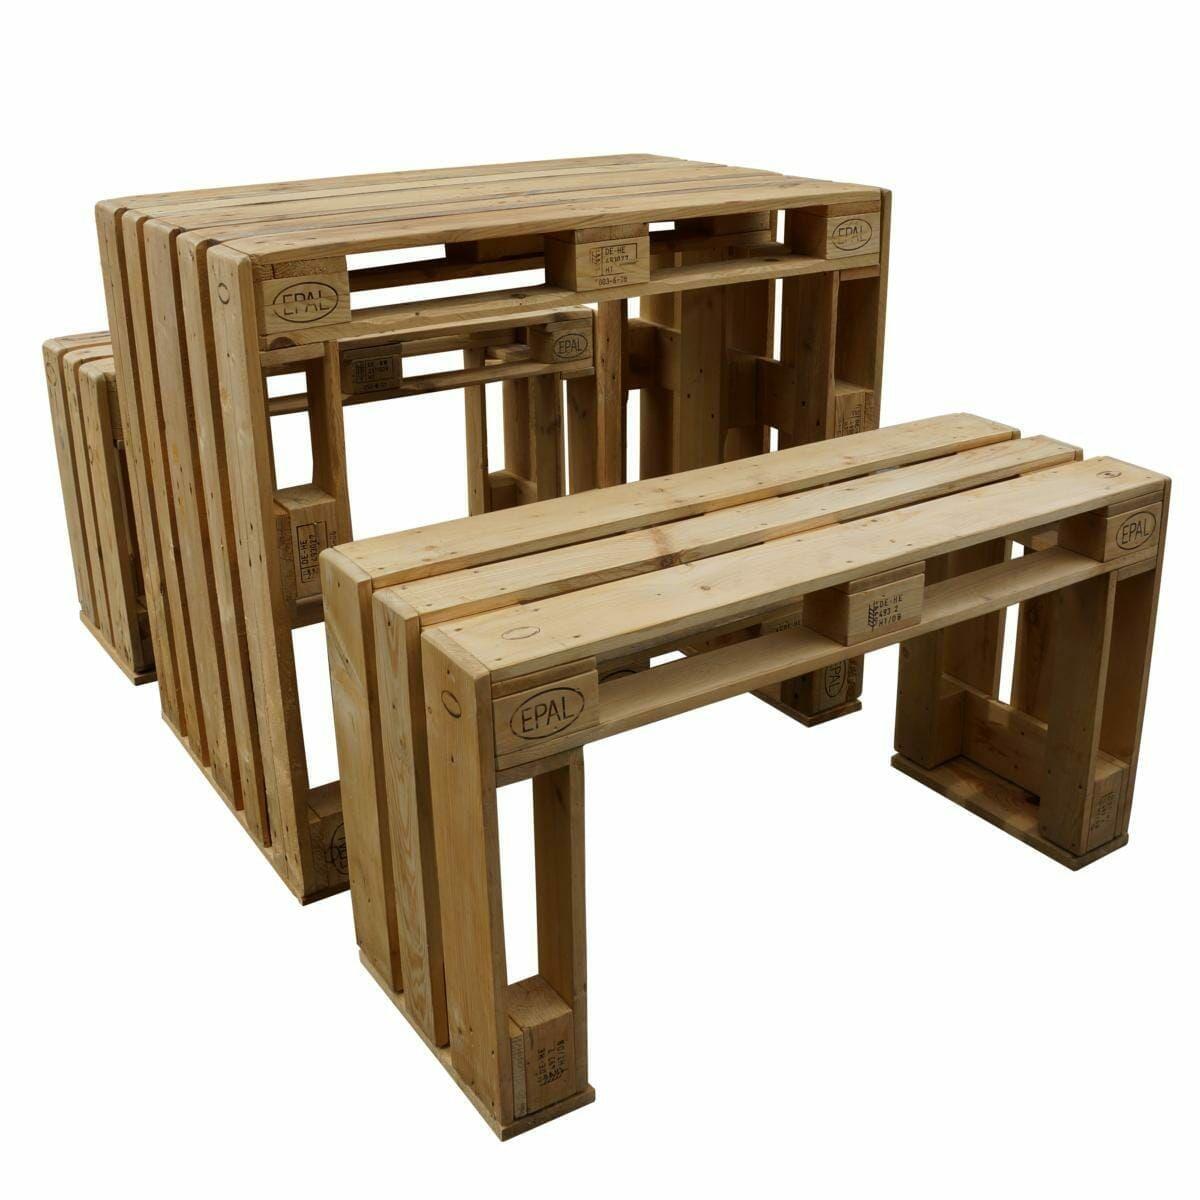 Hochsitzgruppe aus Paletten – Tisch & Bänke